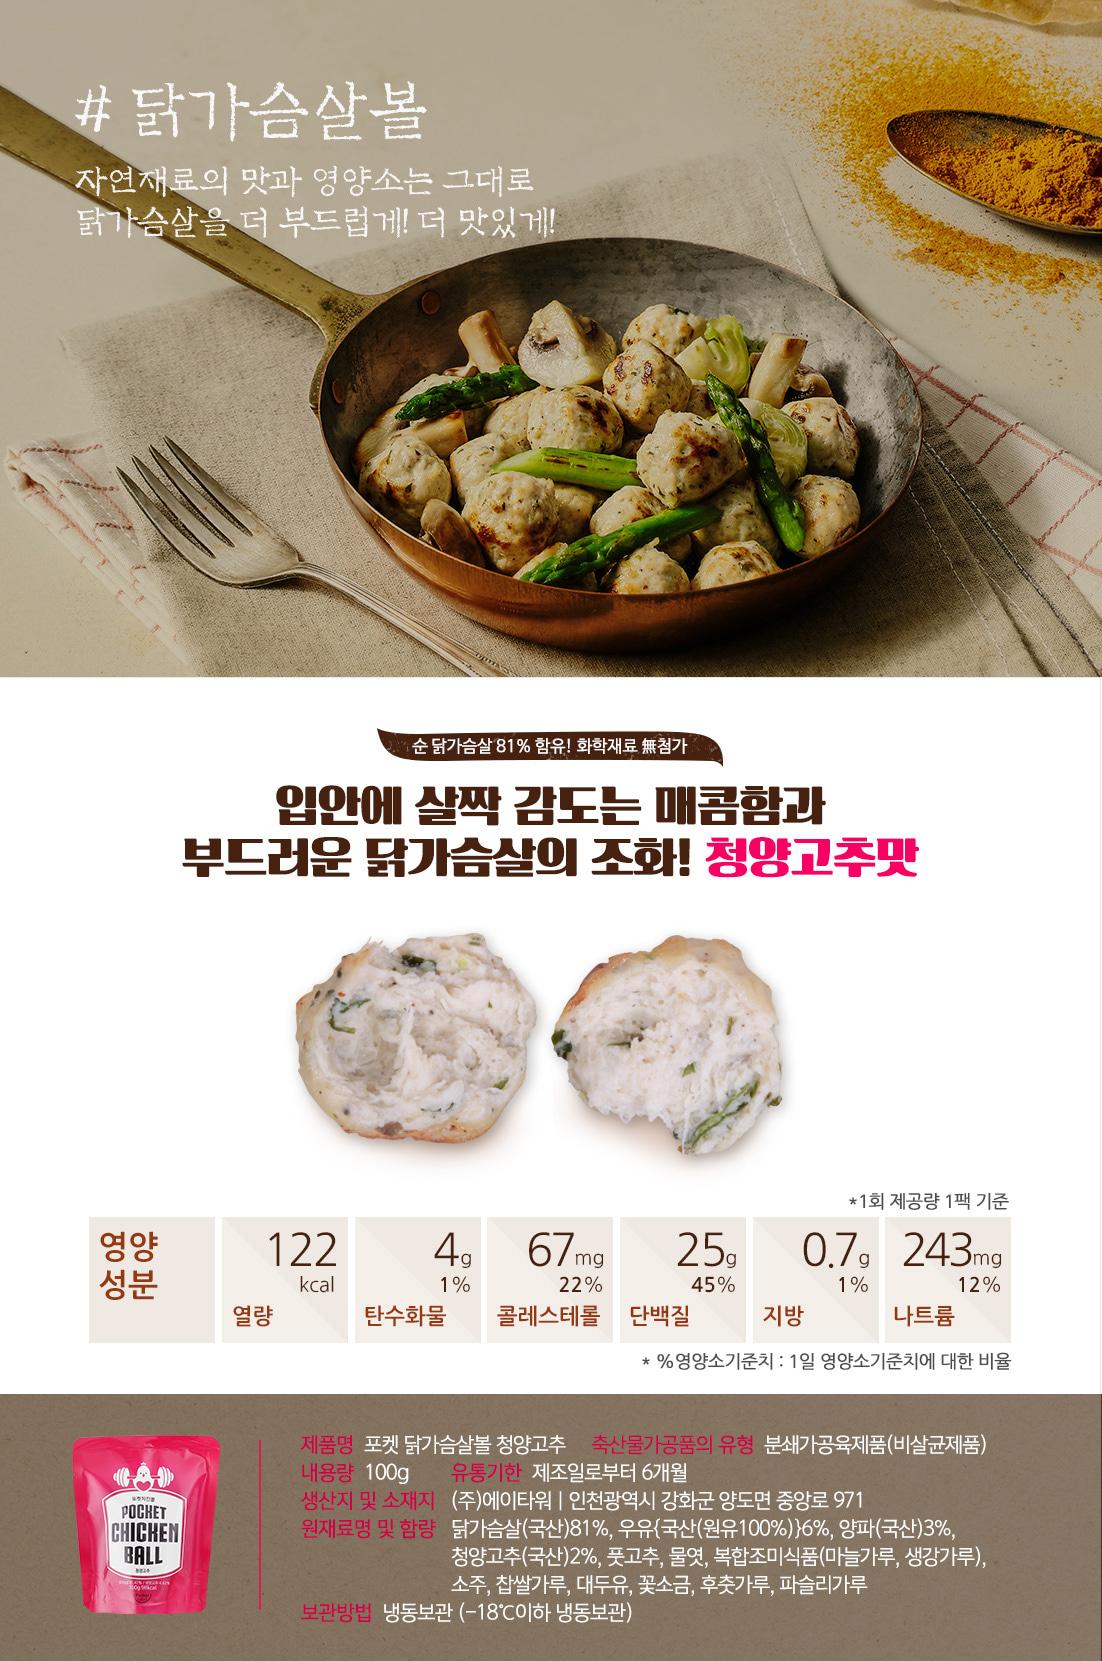 닭가슴살볼_청양고추맛_상세 영양성분